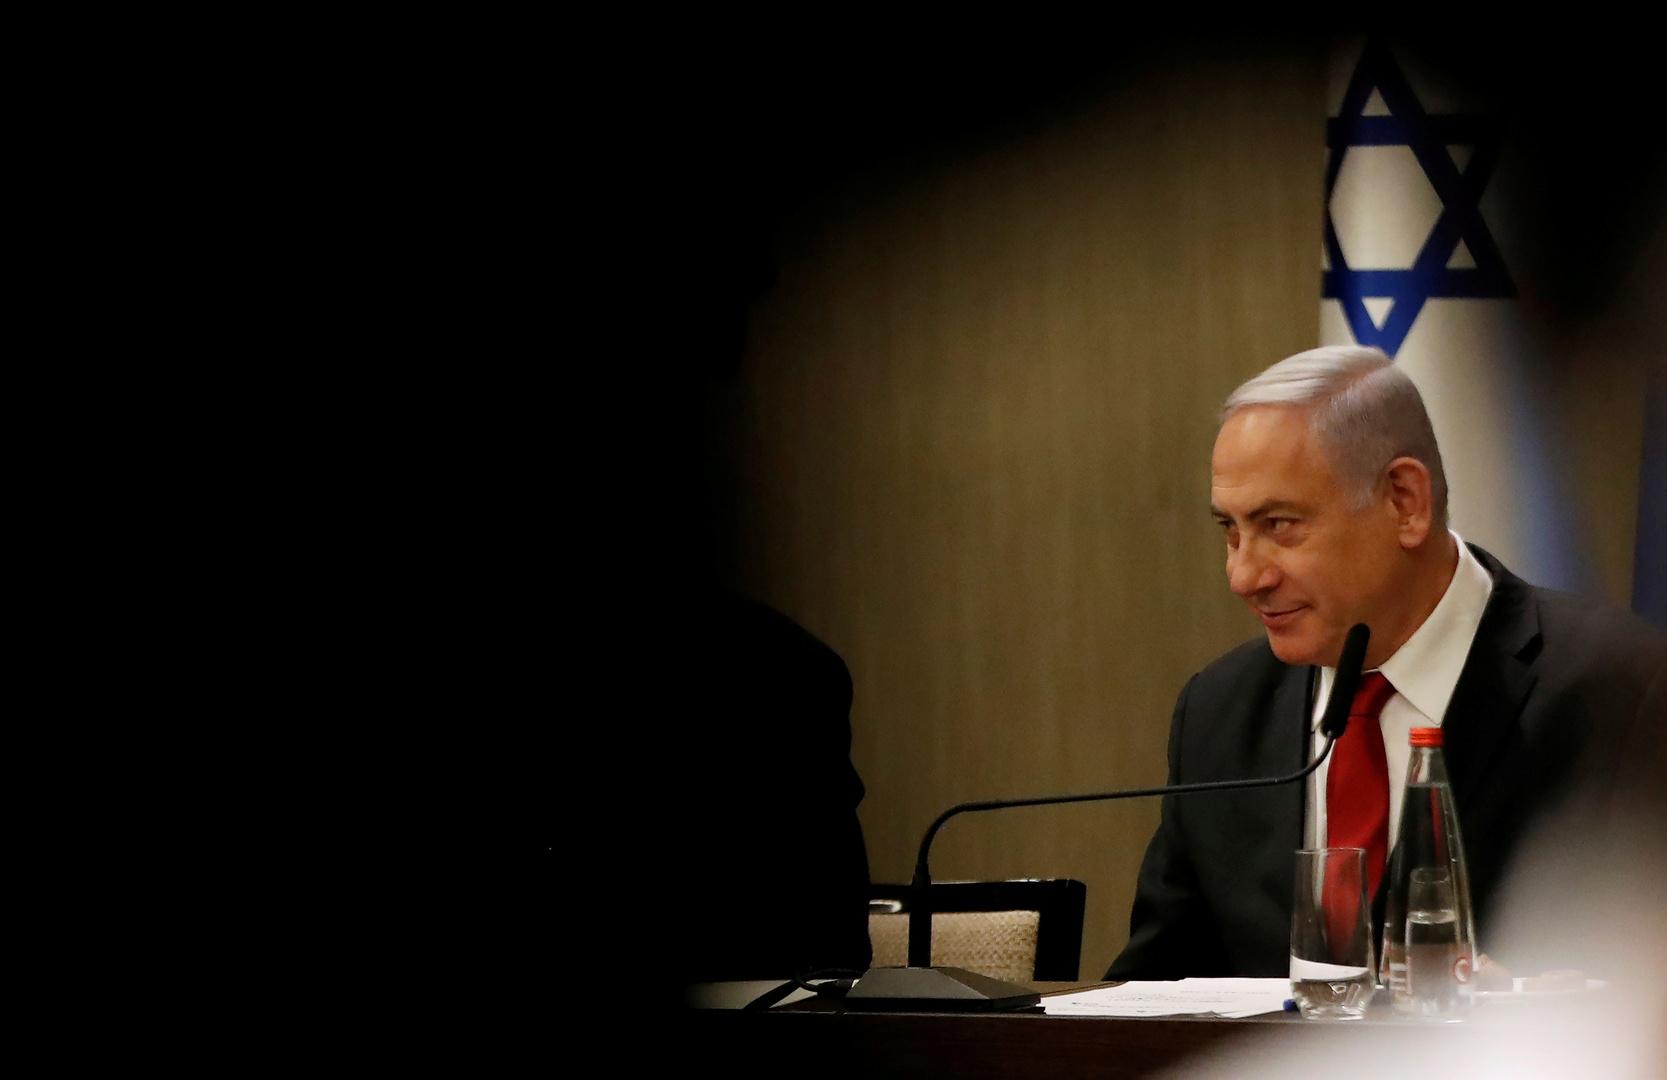 رئيس الوزراء الإسرائيل بنيامين نتنياهو